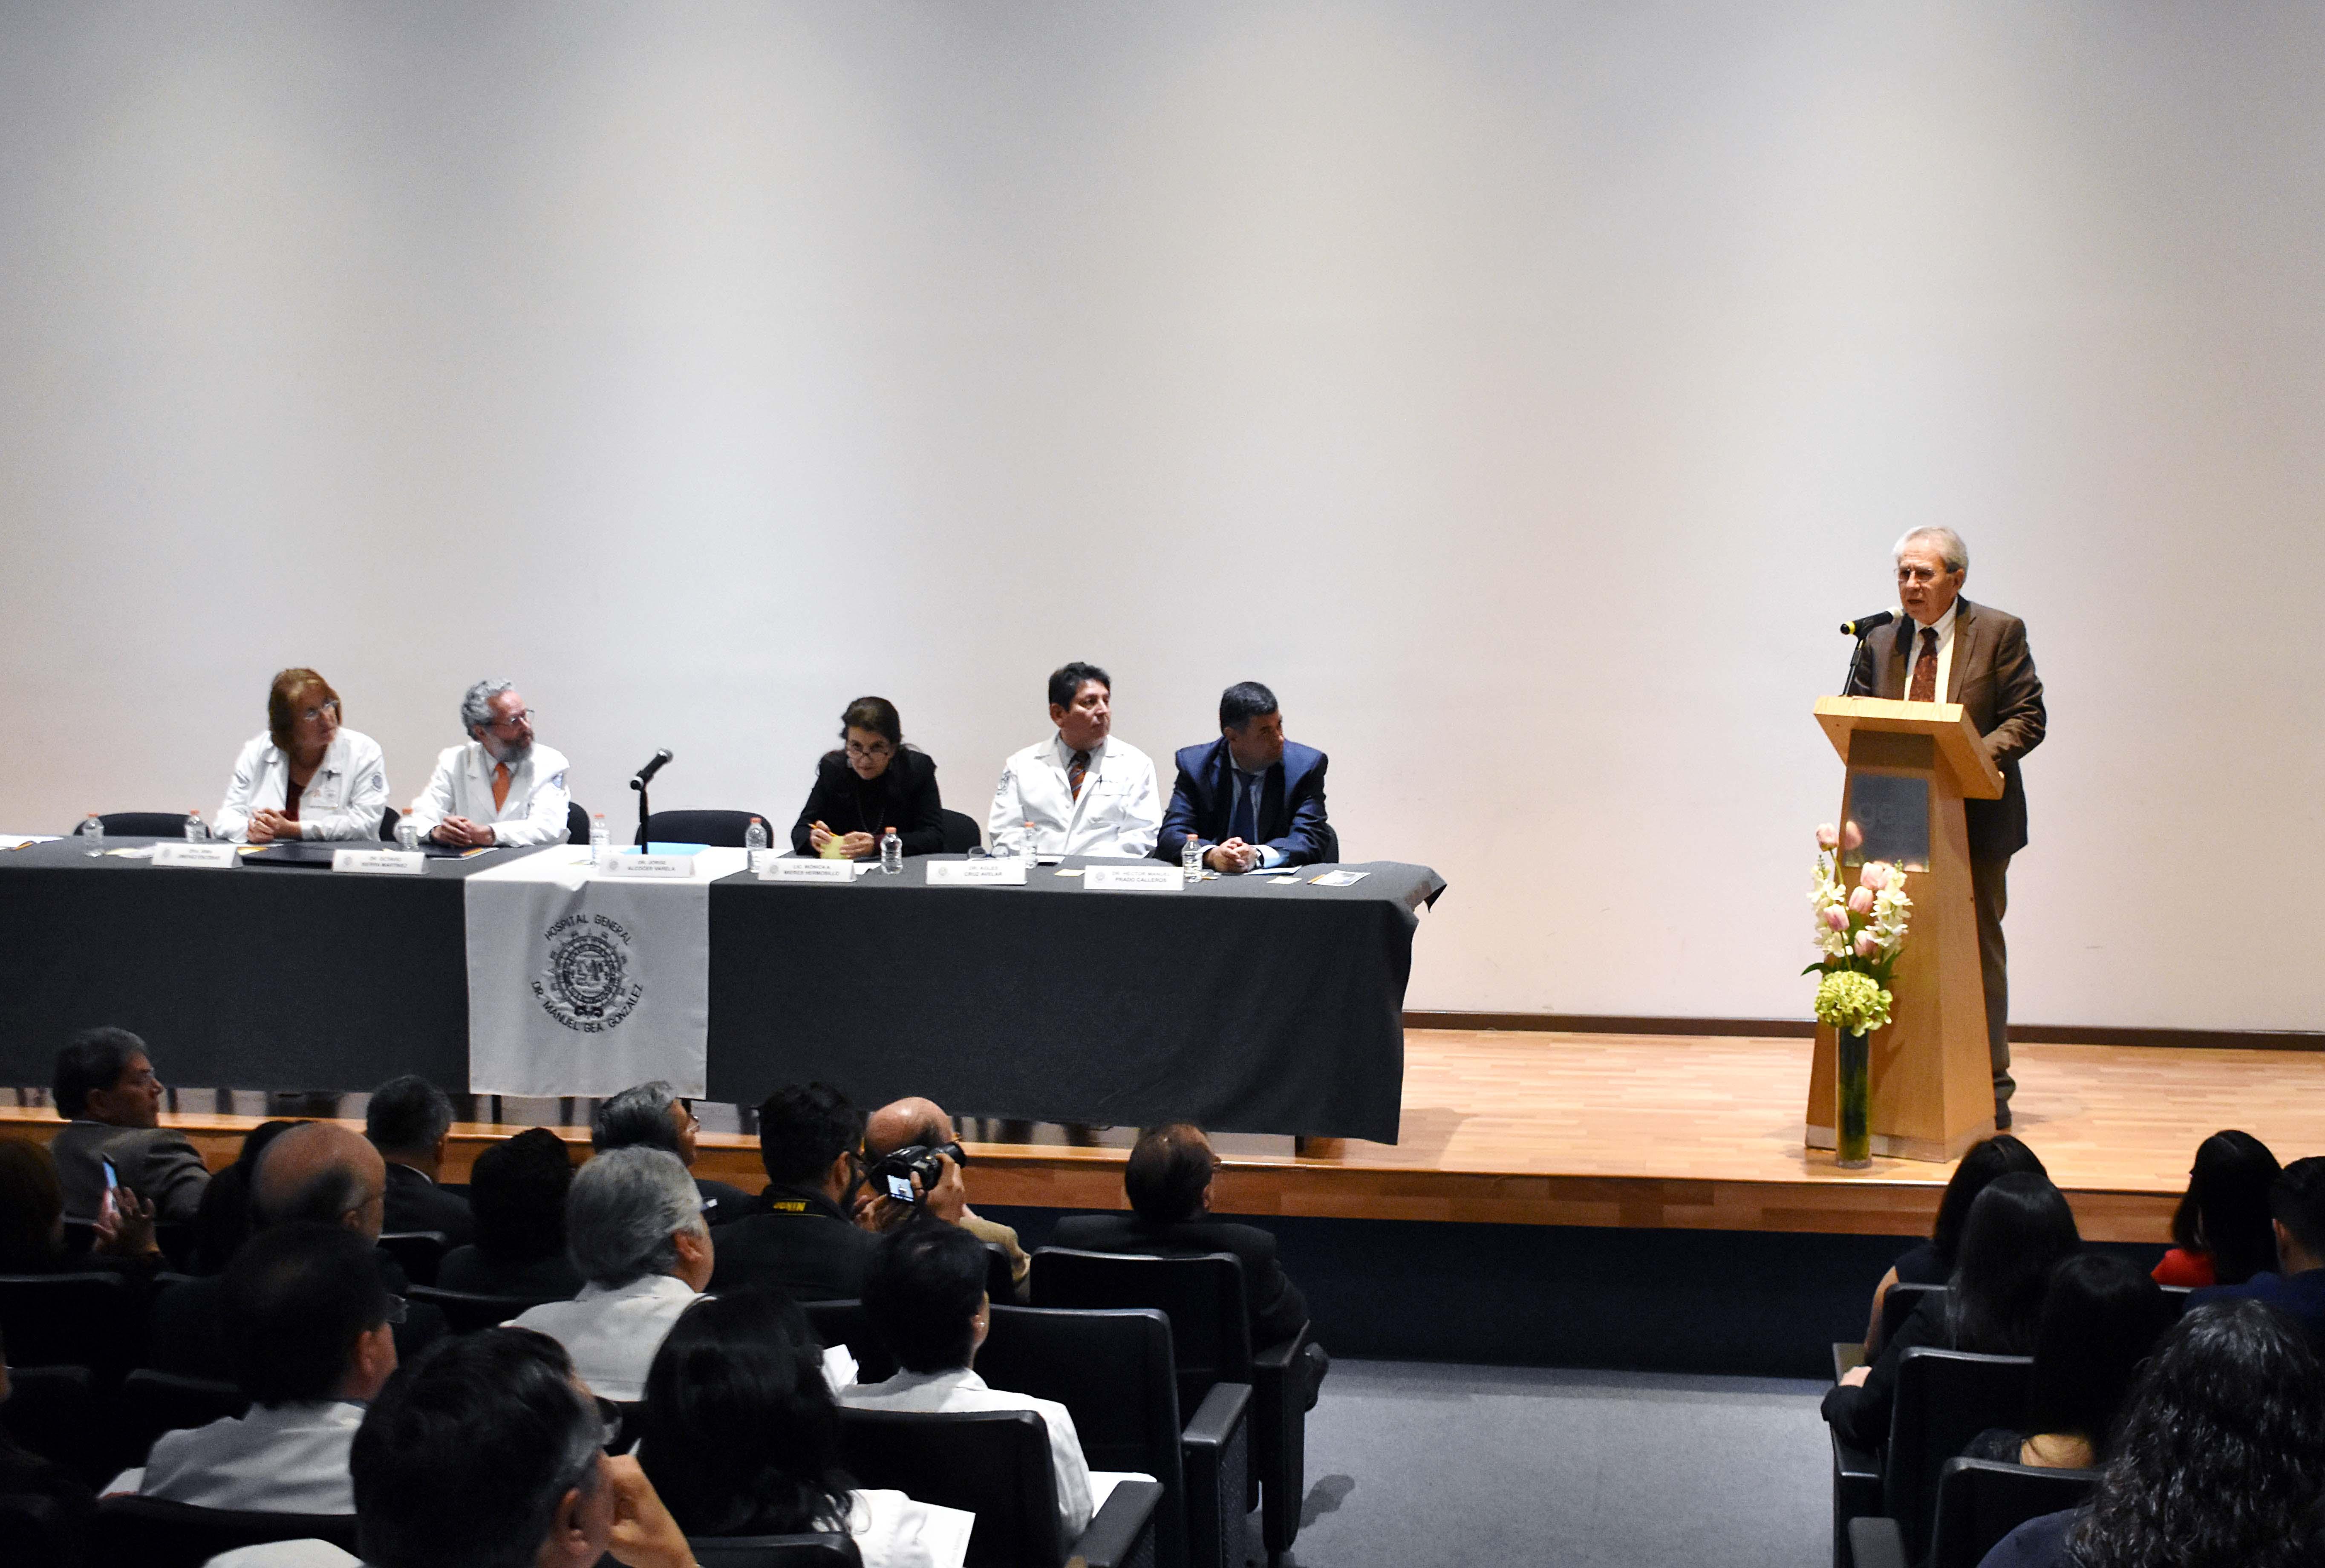 El Dr. Jorge Alcocer Varela ofreciendo unas palabras en la clausura de cursos de Posgrado de Alta Especialidad en el Hospital General Manuel Gea González